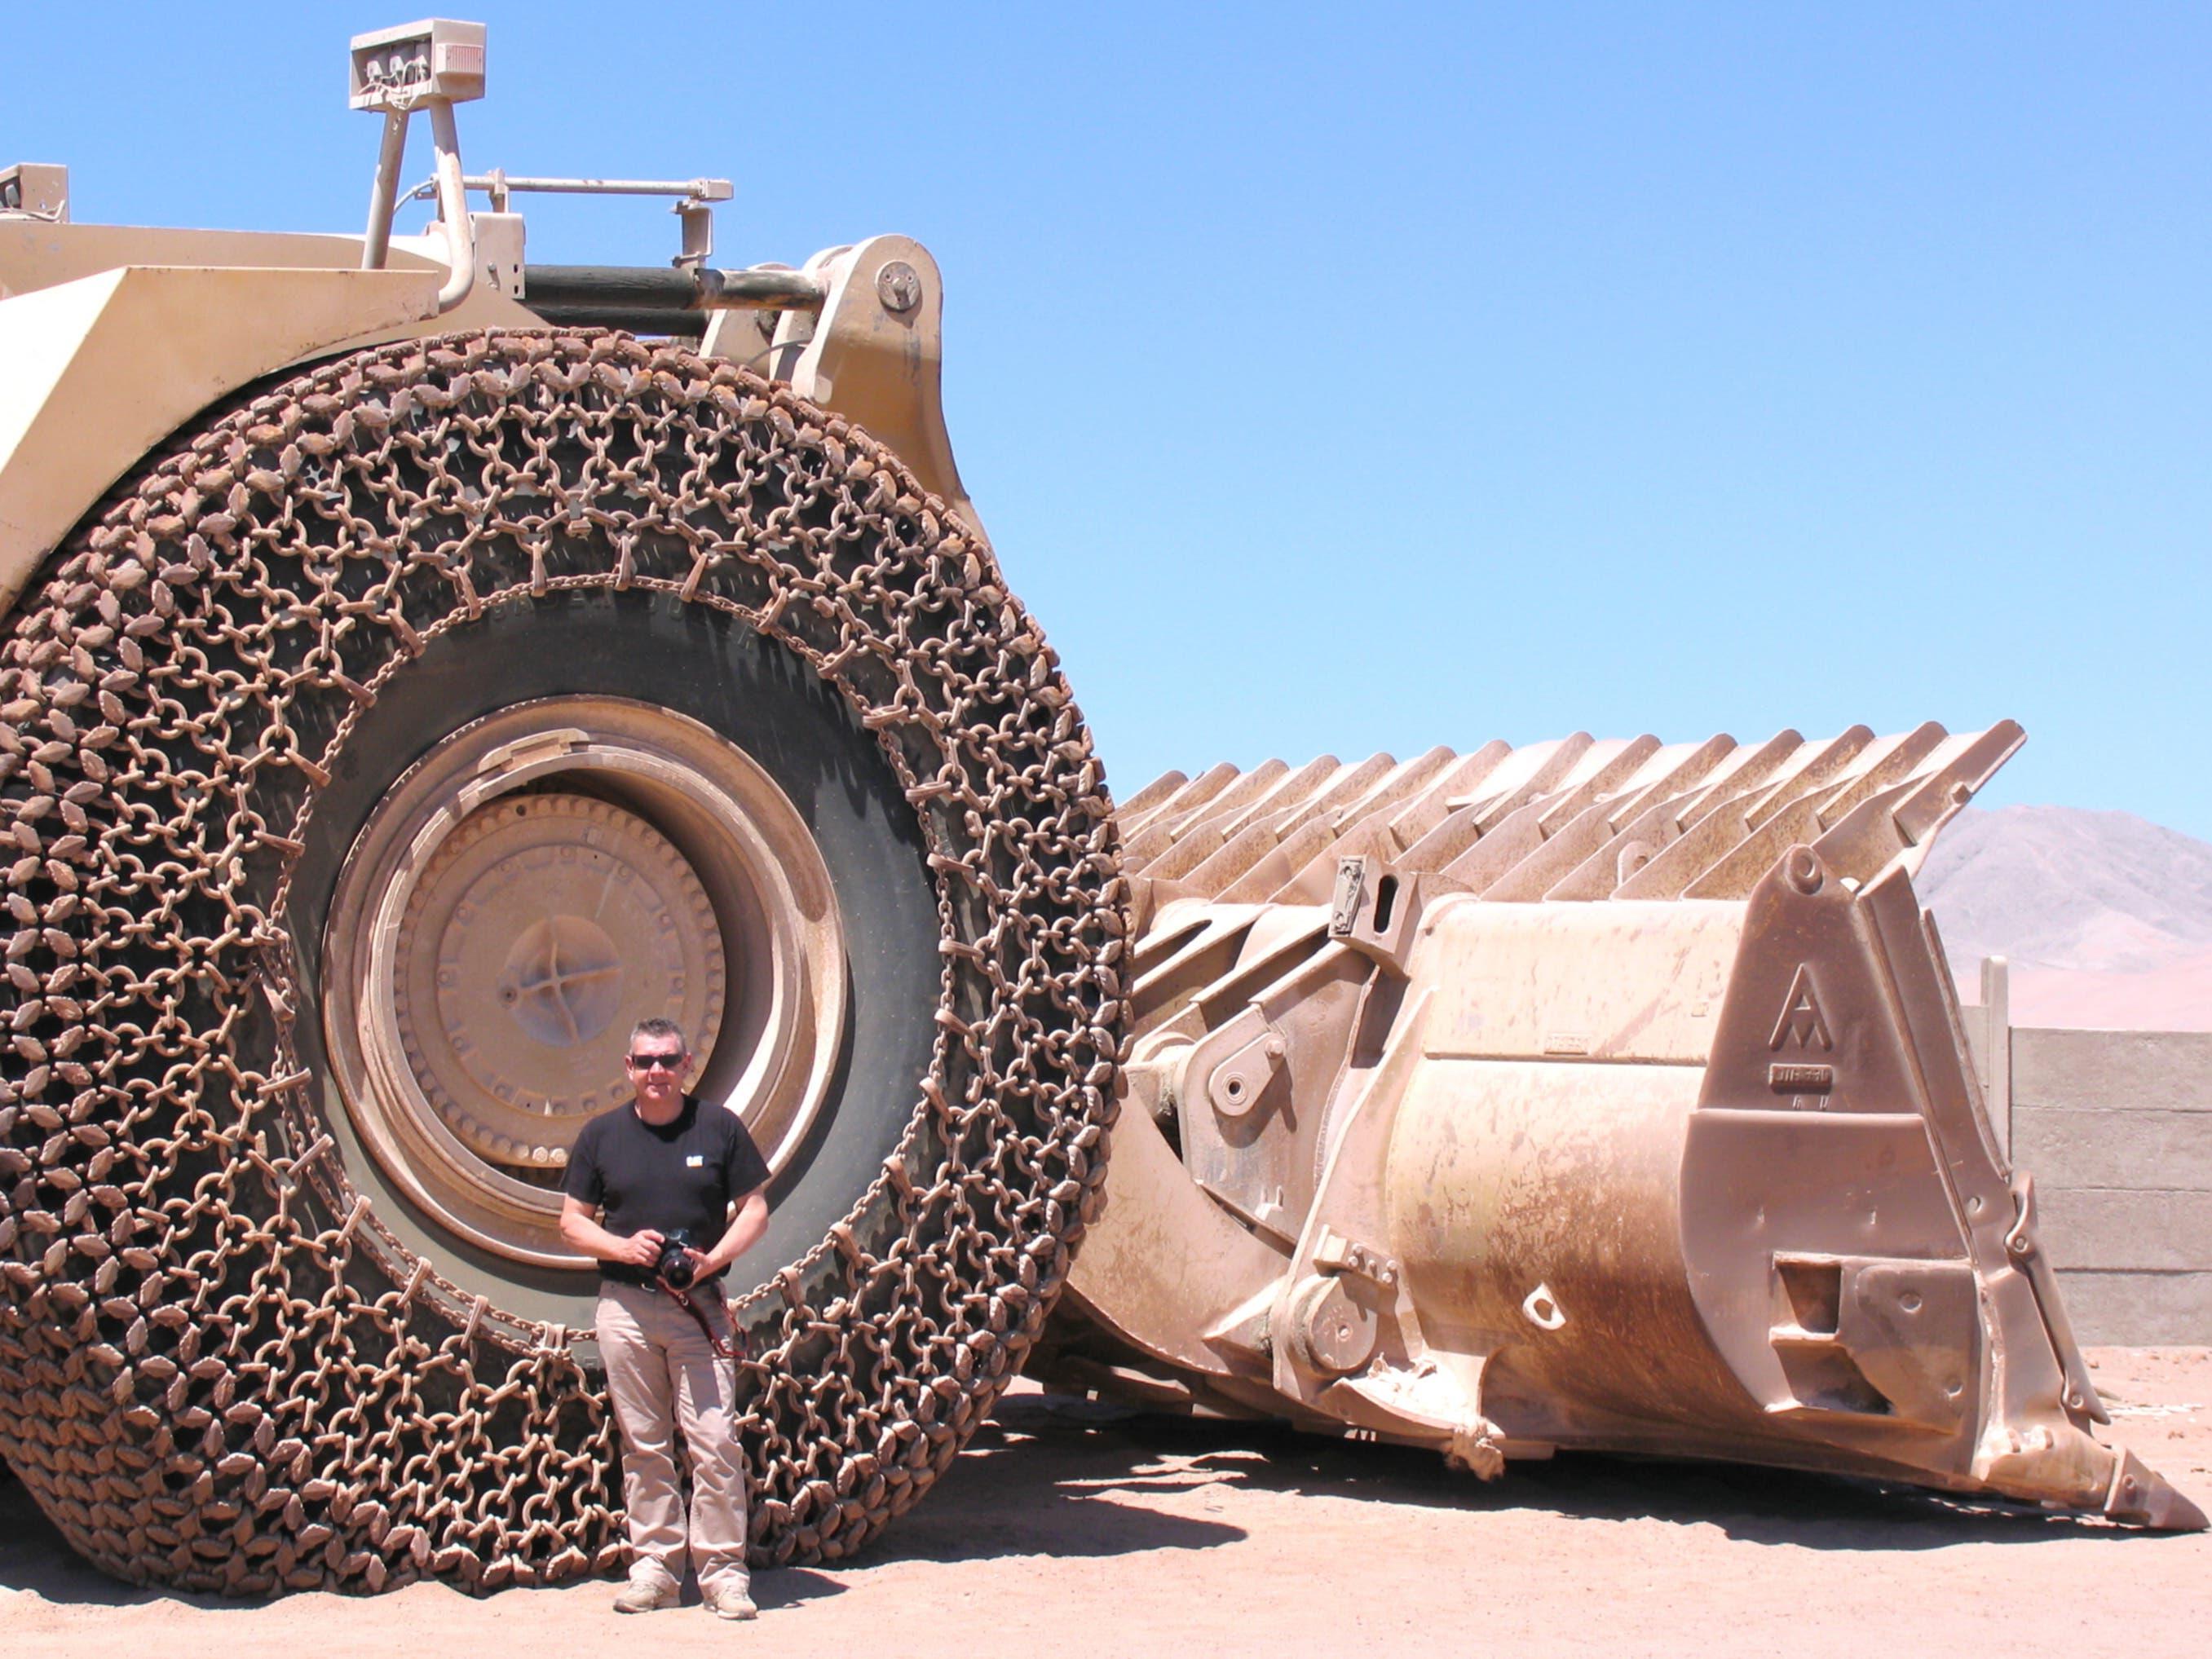 Chile 2011: Da hilft Kari Feierabend auch kein Spinat; neben dem 4 Meter hohen Rad wird jeder zur Ameise. (Bild: Kari Feierabend)